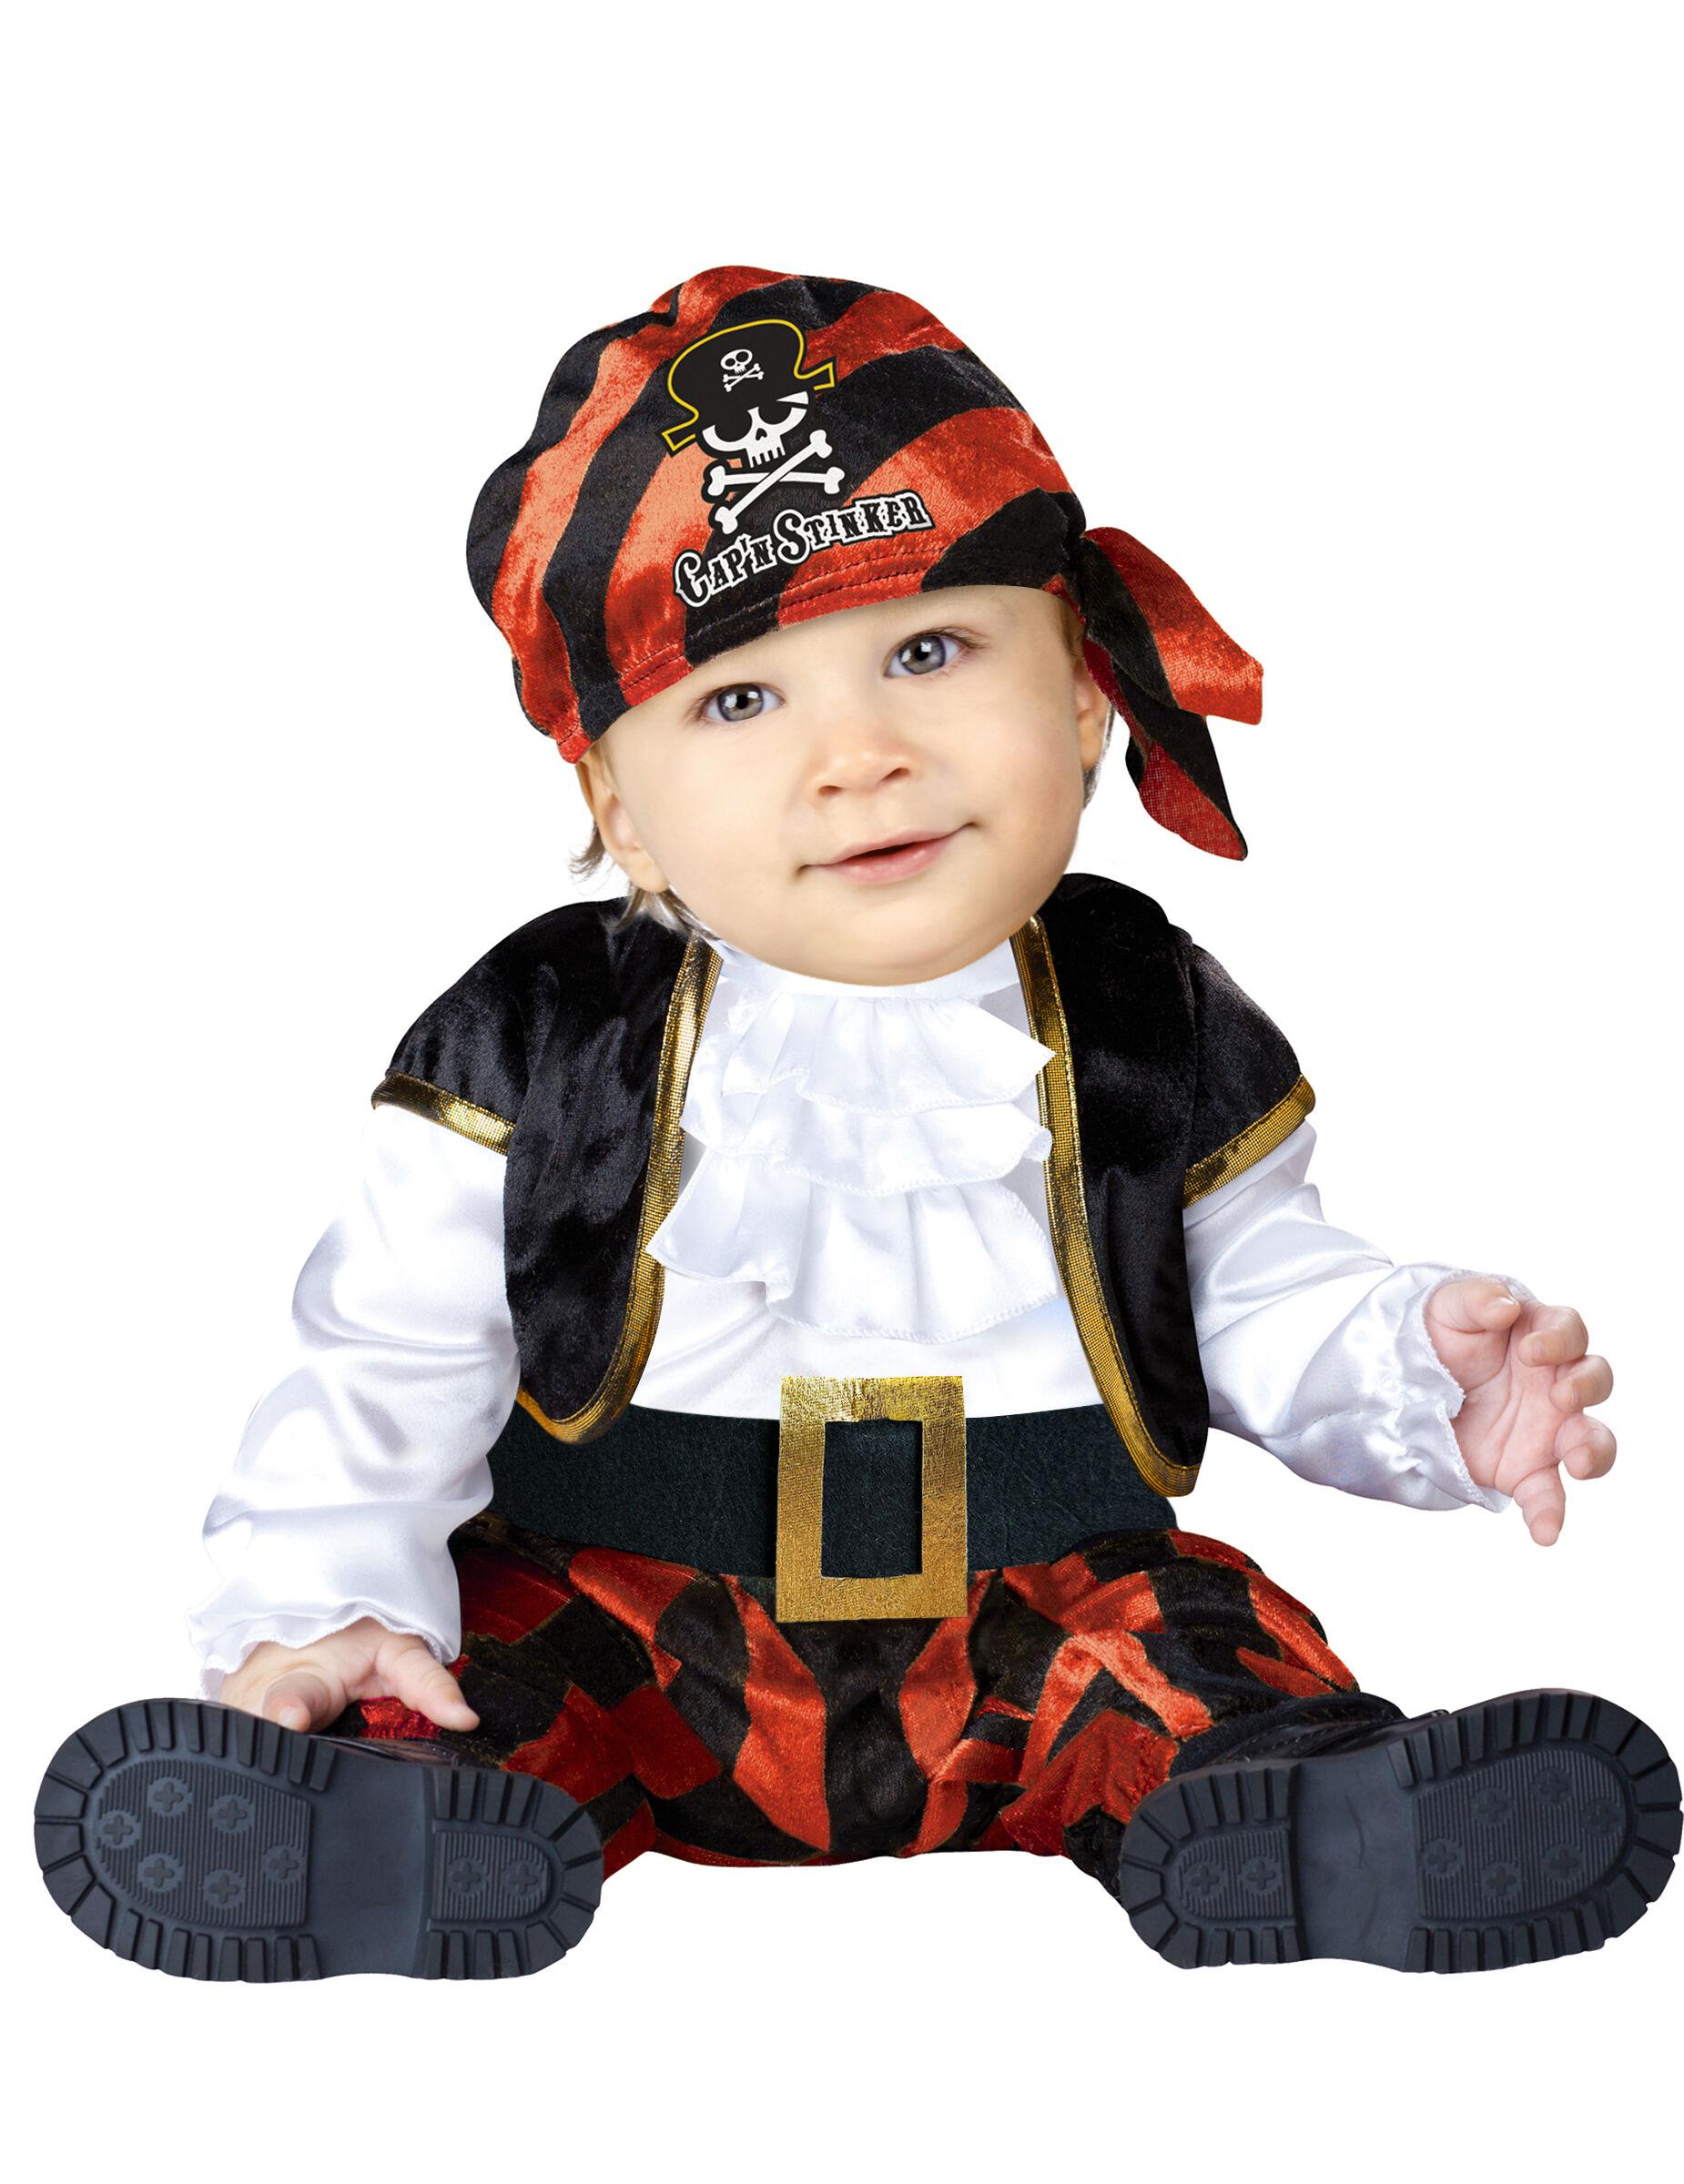 VegaooParty Déguisement Pirate pour bébé - Classique - Taille: 18-24 mois (84-89 cm)